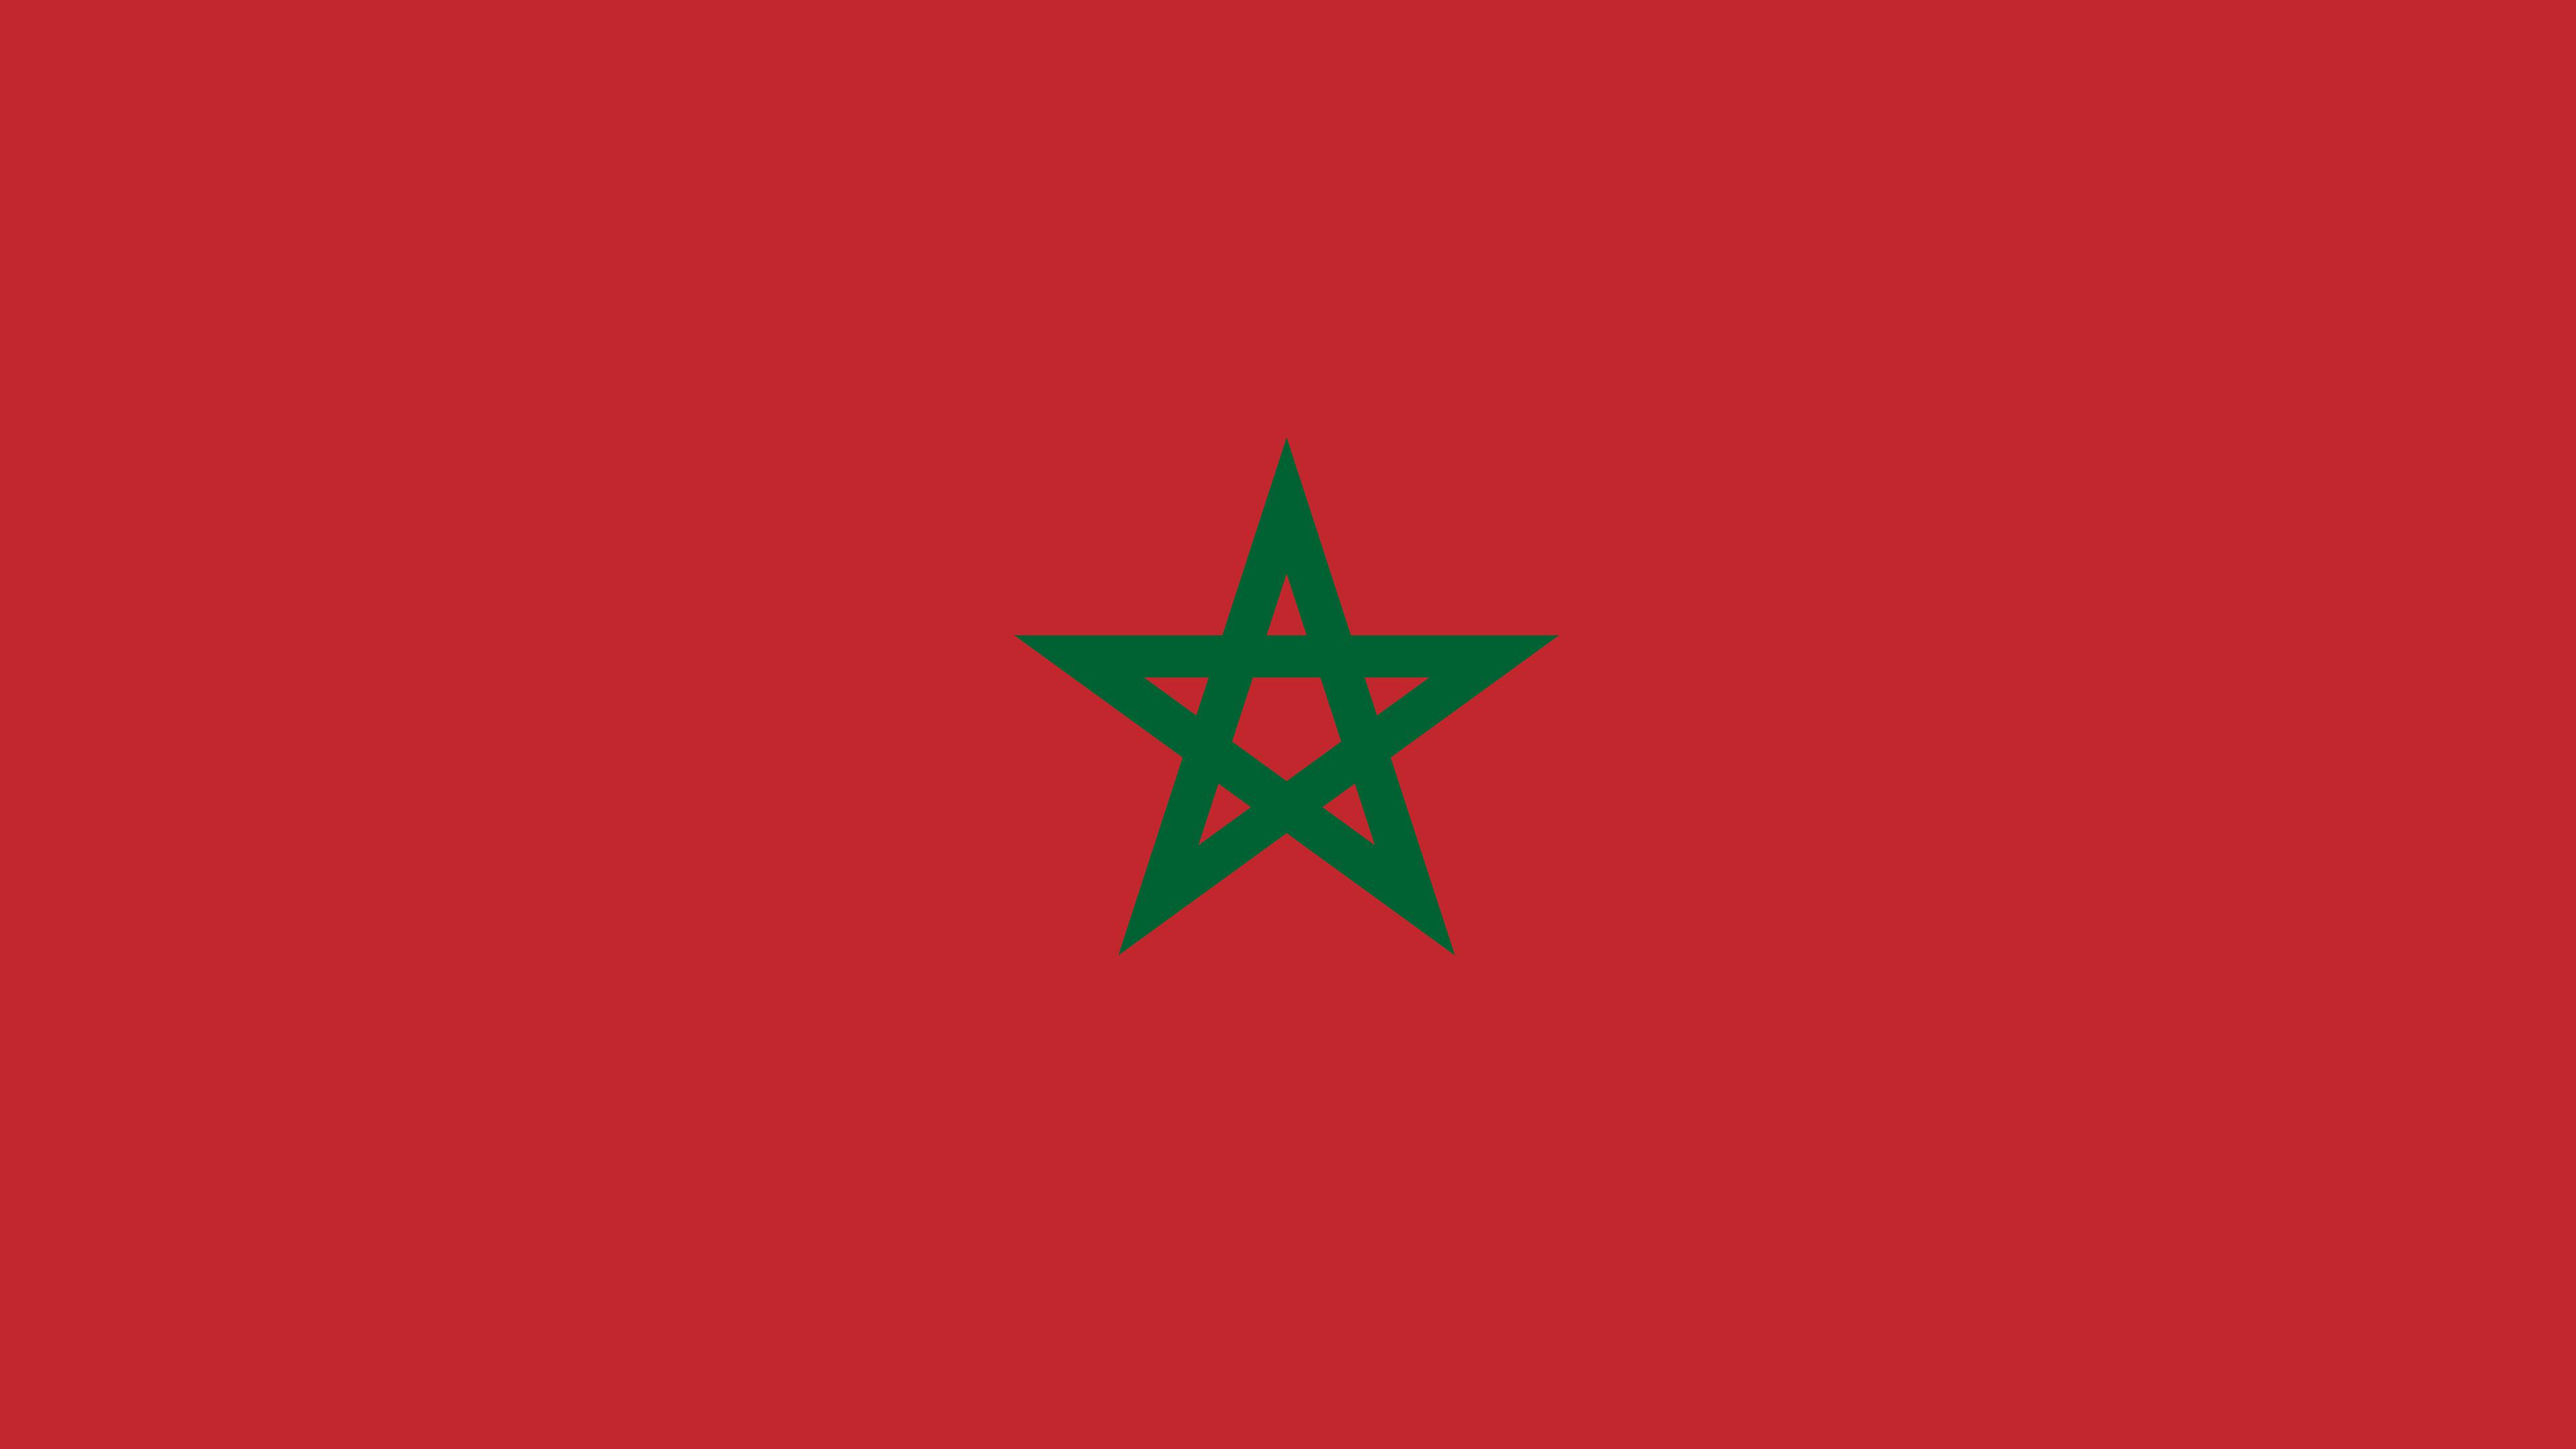 Morocco Flag UHD 4K Wallpaper Pixelz 3840x2160